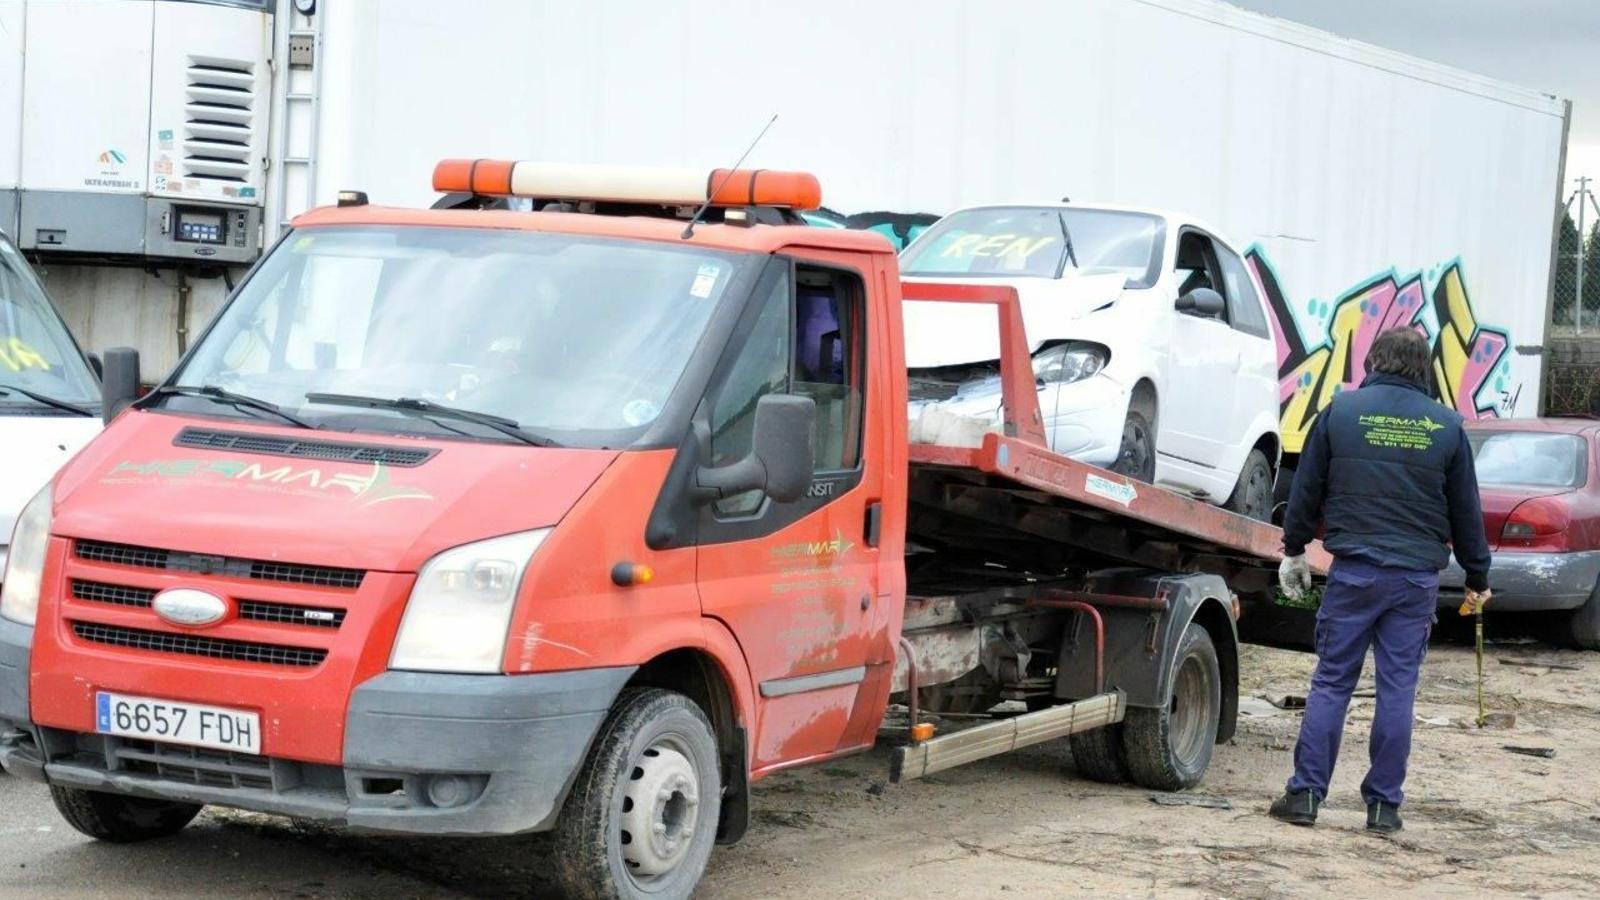 Al dipòsit de Son Toells només es podran emmagatzemar vehicles retirats per la grua, per infracció o accidentats